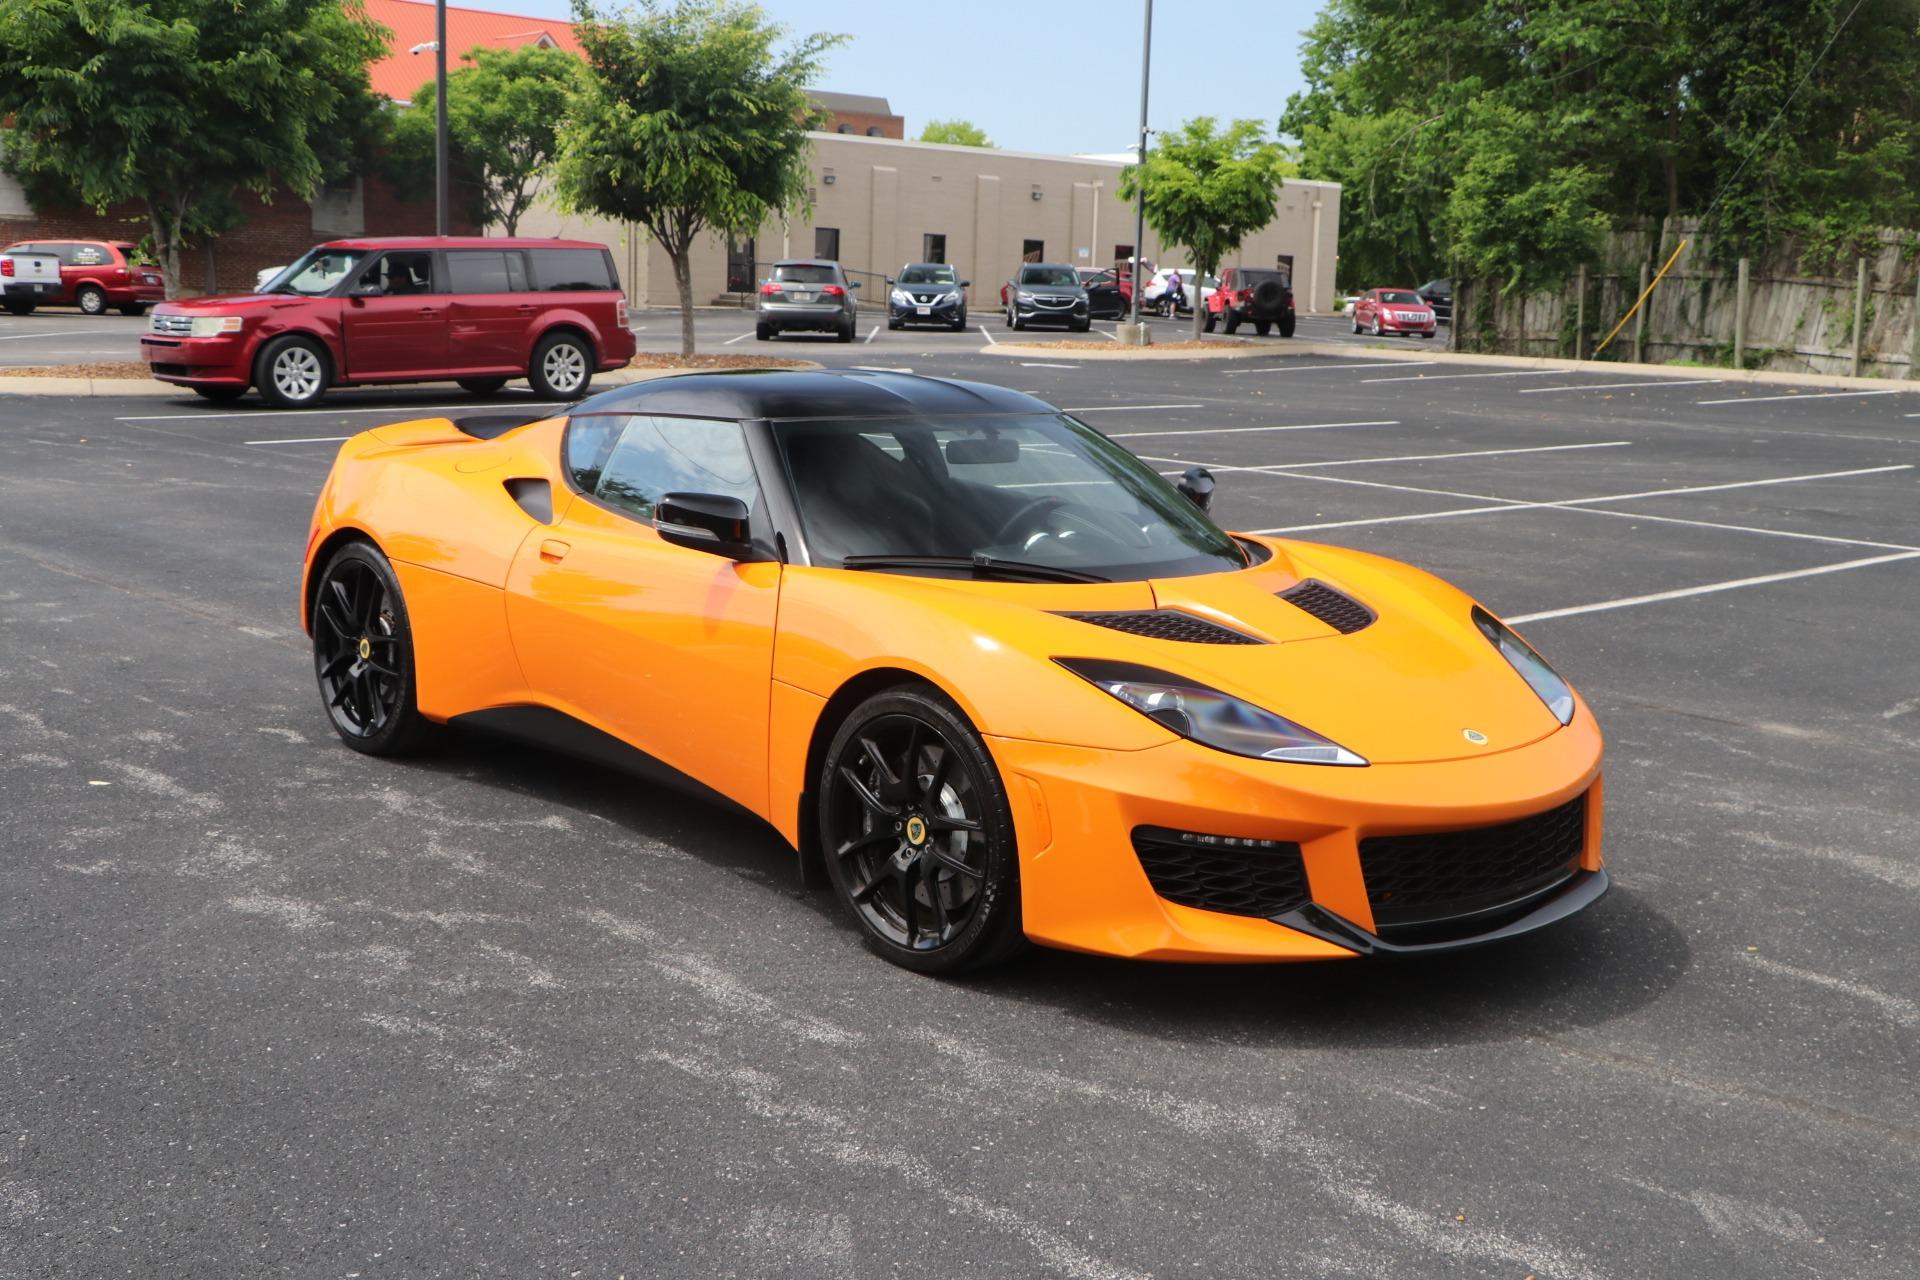 Used 2017 Lotus Evora 400 Evora 400 Coupe for sale $75,950 at Auto Collection in Murfreesboro TN 37130 1